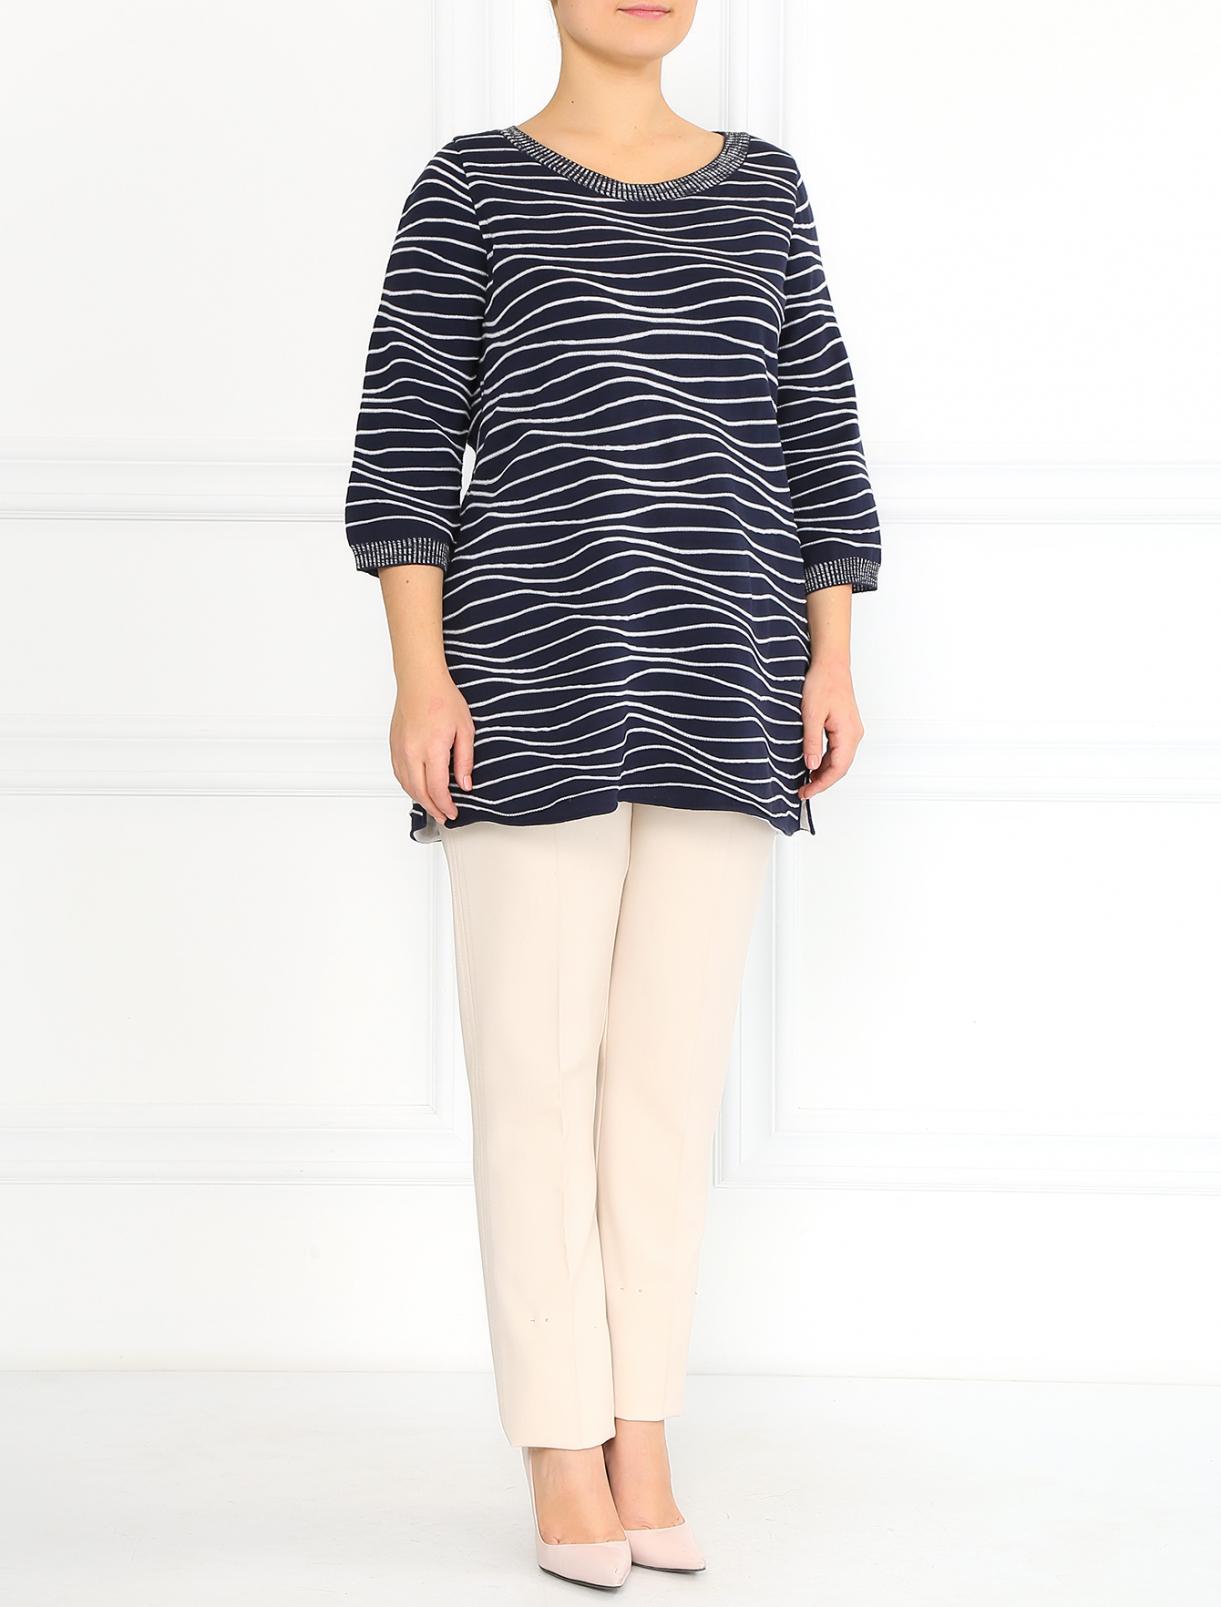 Джемпер из хлопка Marina Rinaldi  –  Модель Общий вид